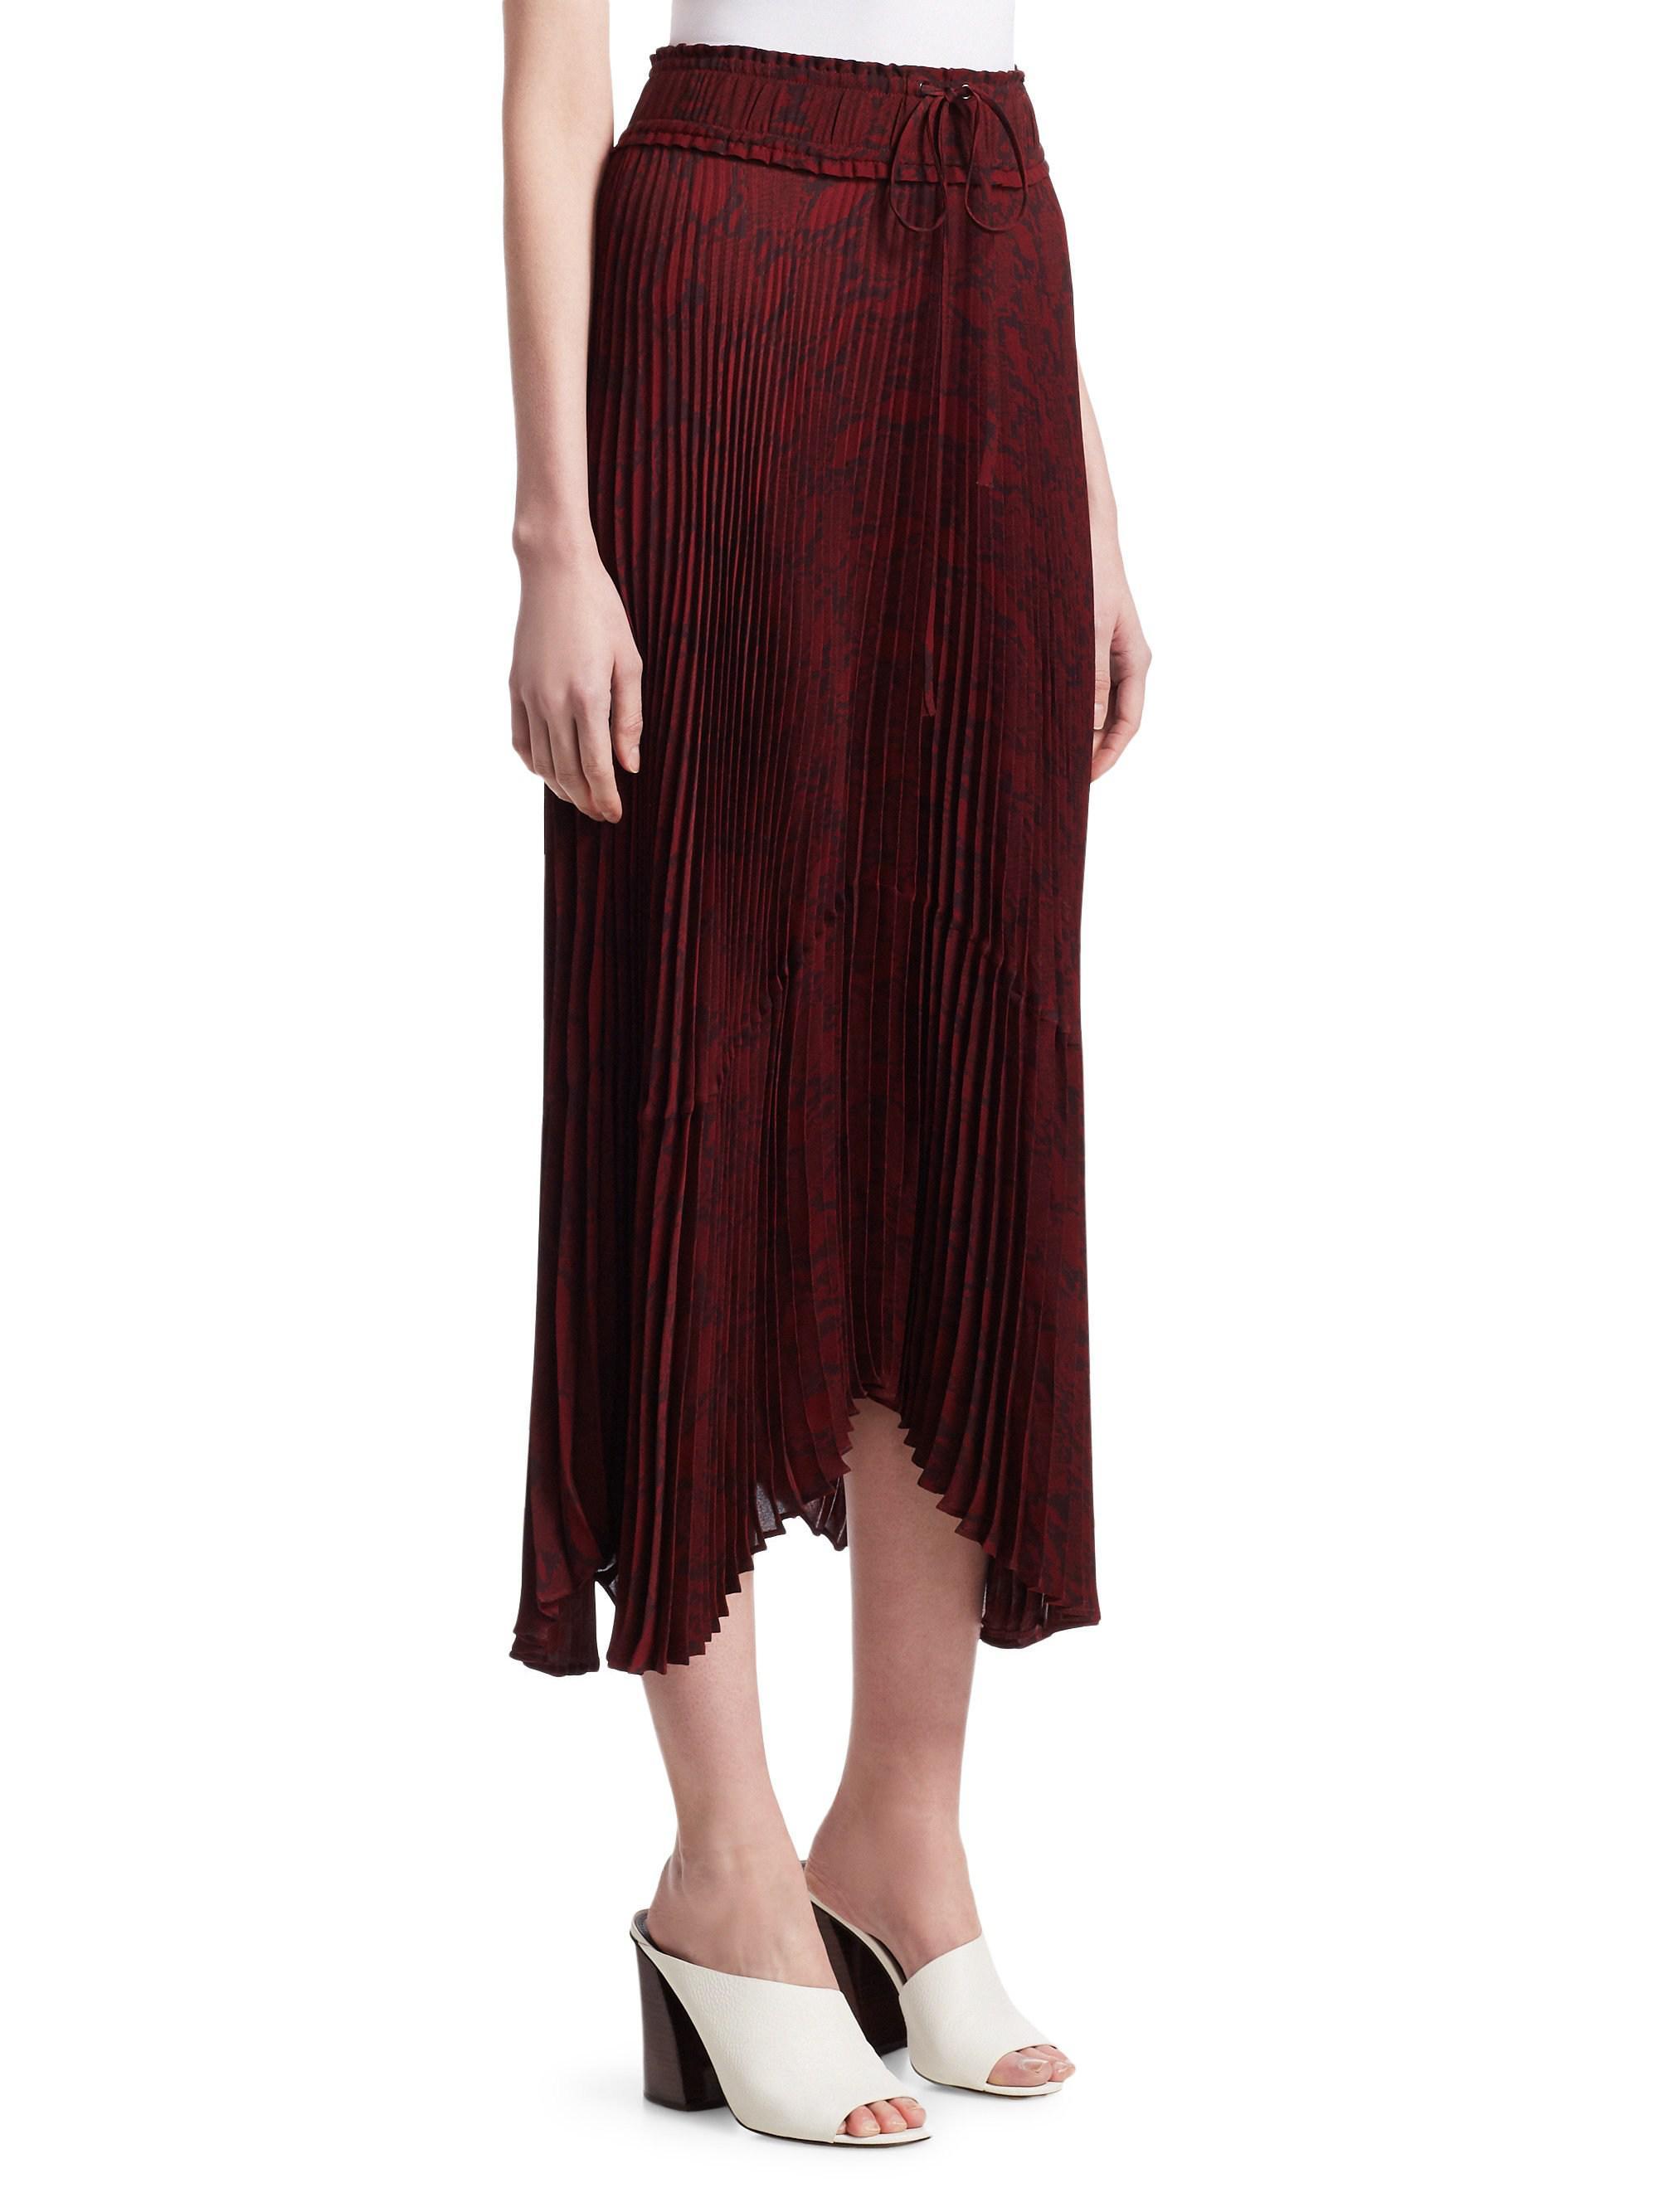 Alc Maya Tie Waist Pleated Midi Skirt Lyst Maroon View Fullscreen